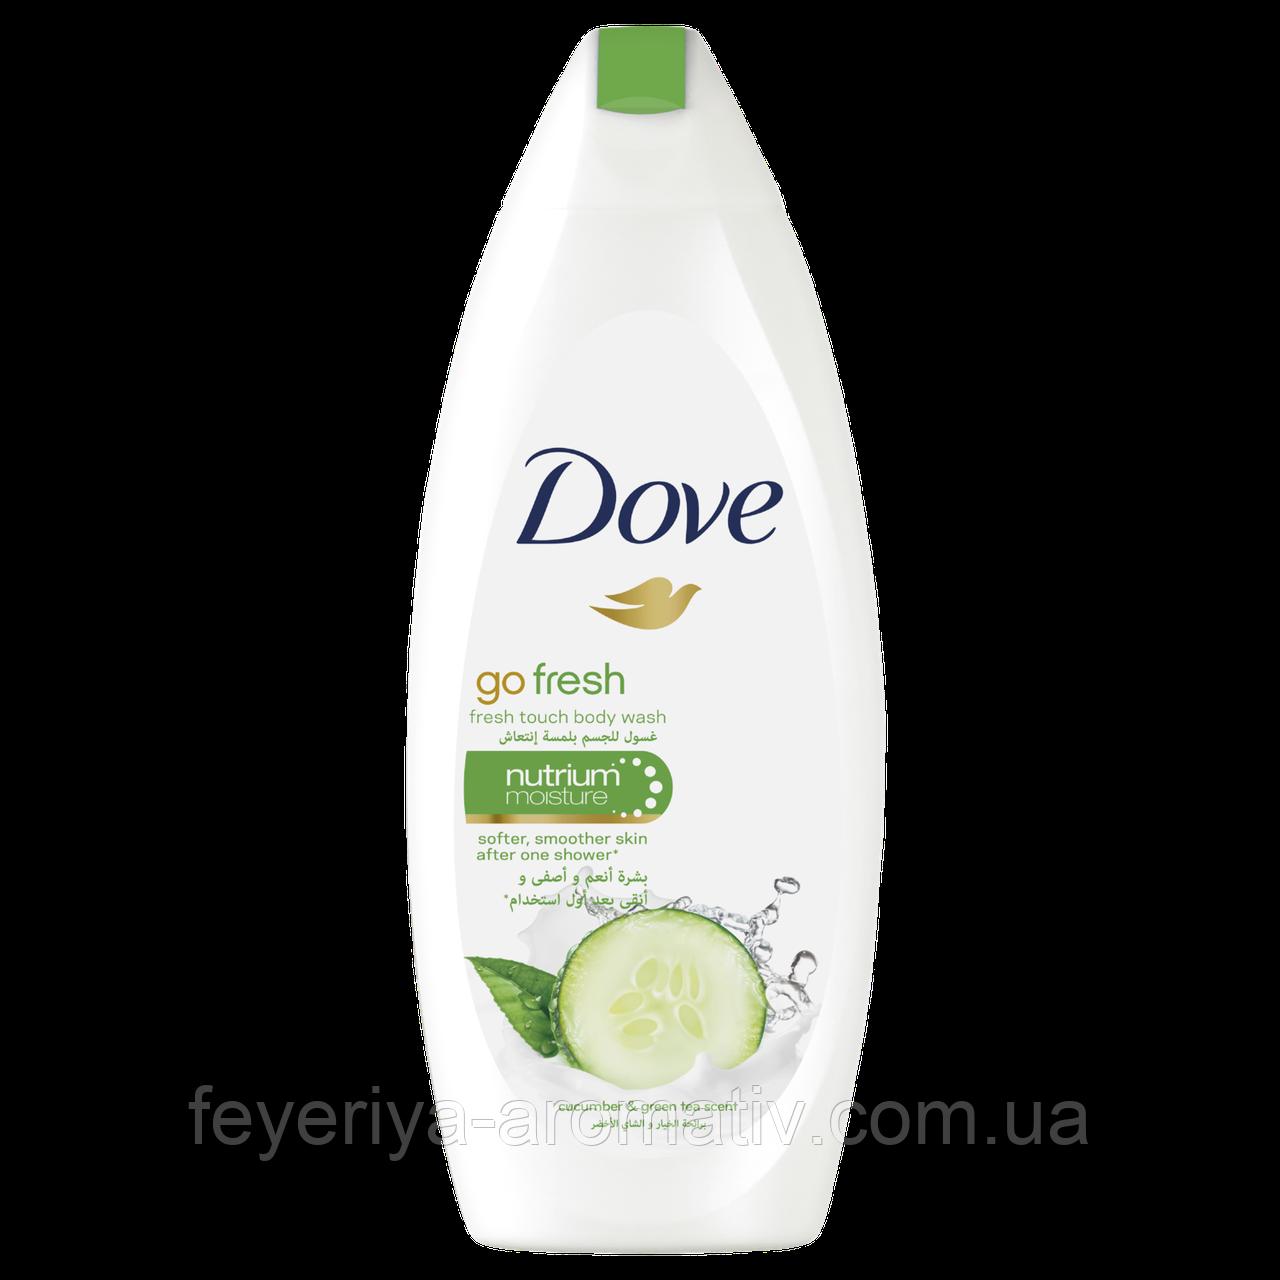 Гель для душа Dove Go Fresh огуречный, 250гр (Германия)